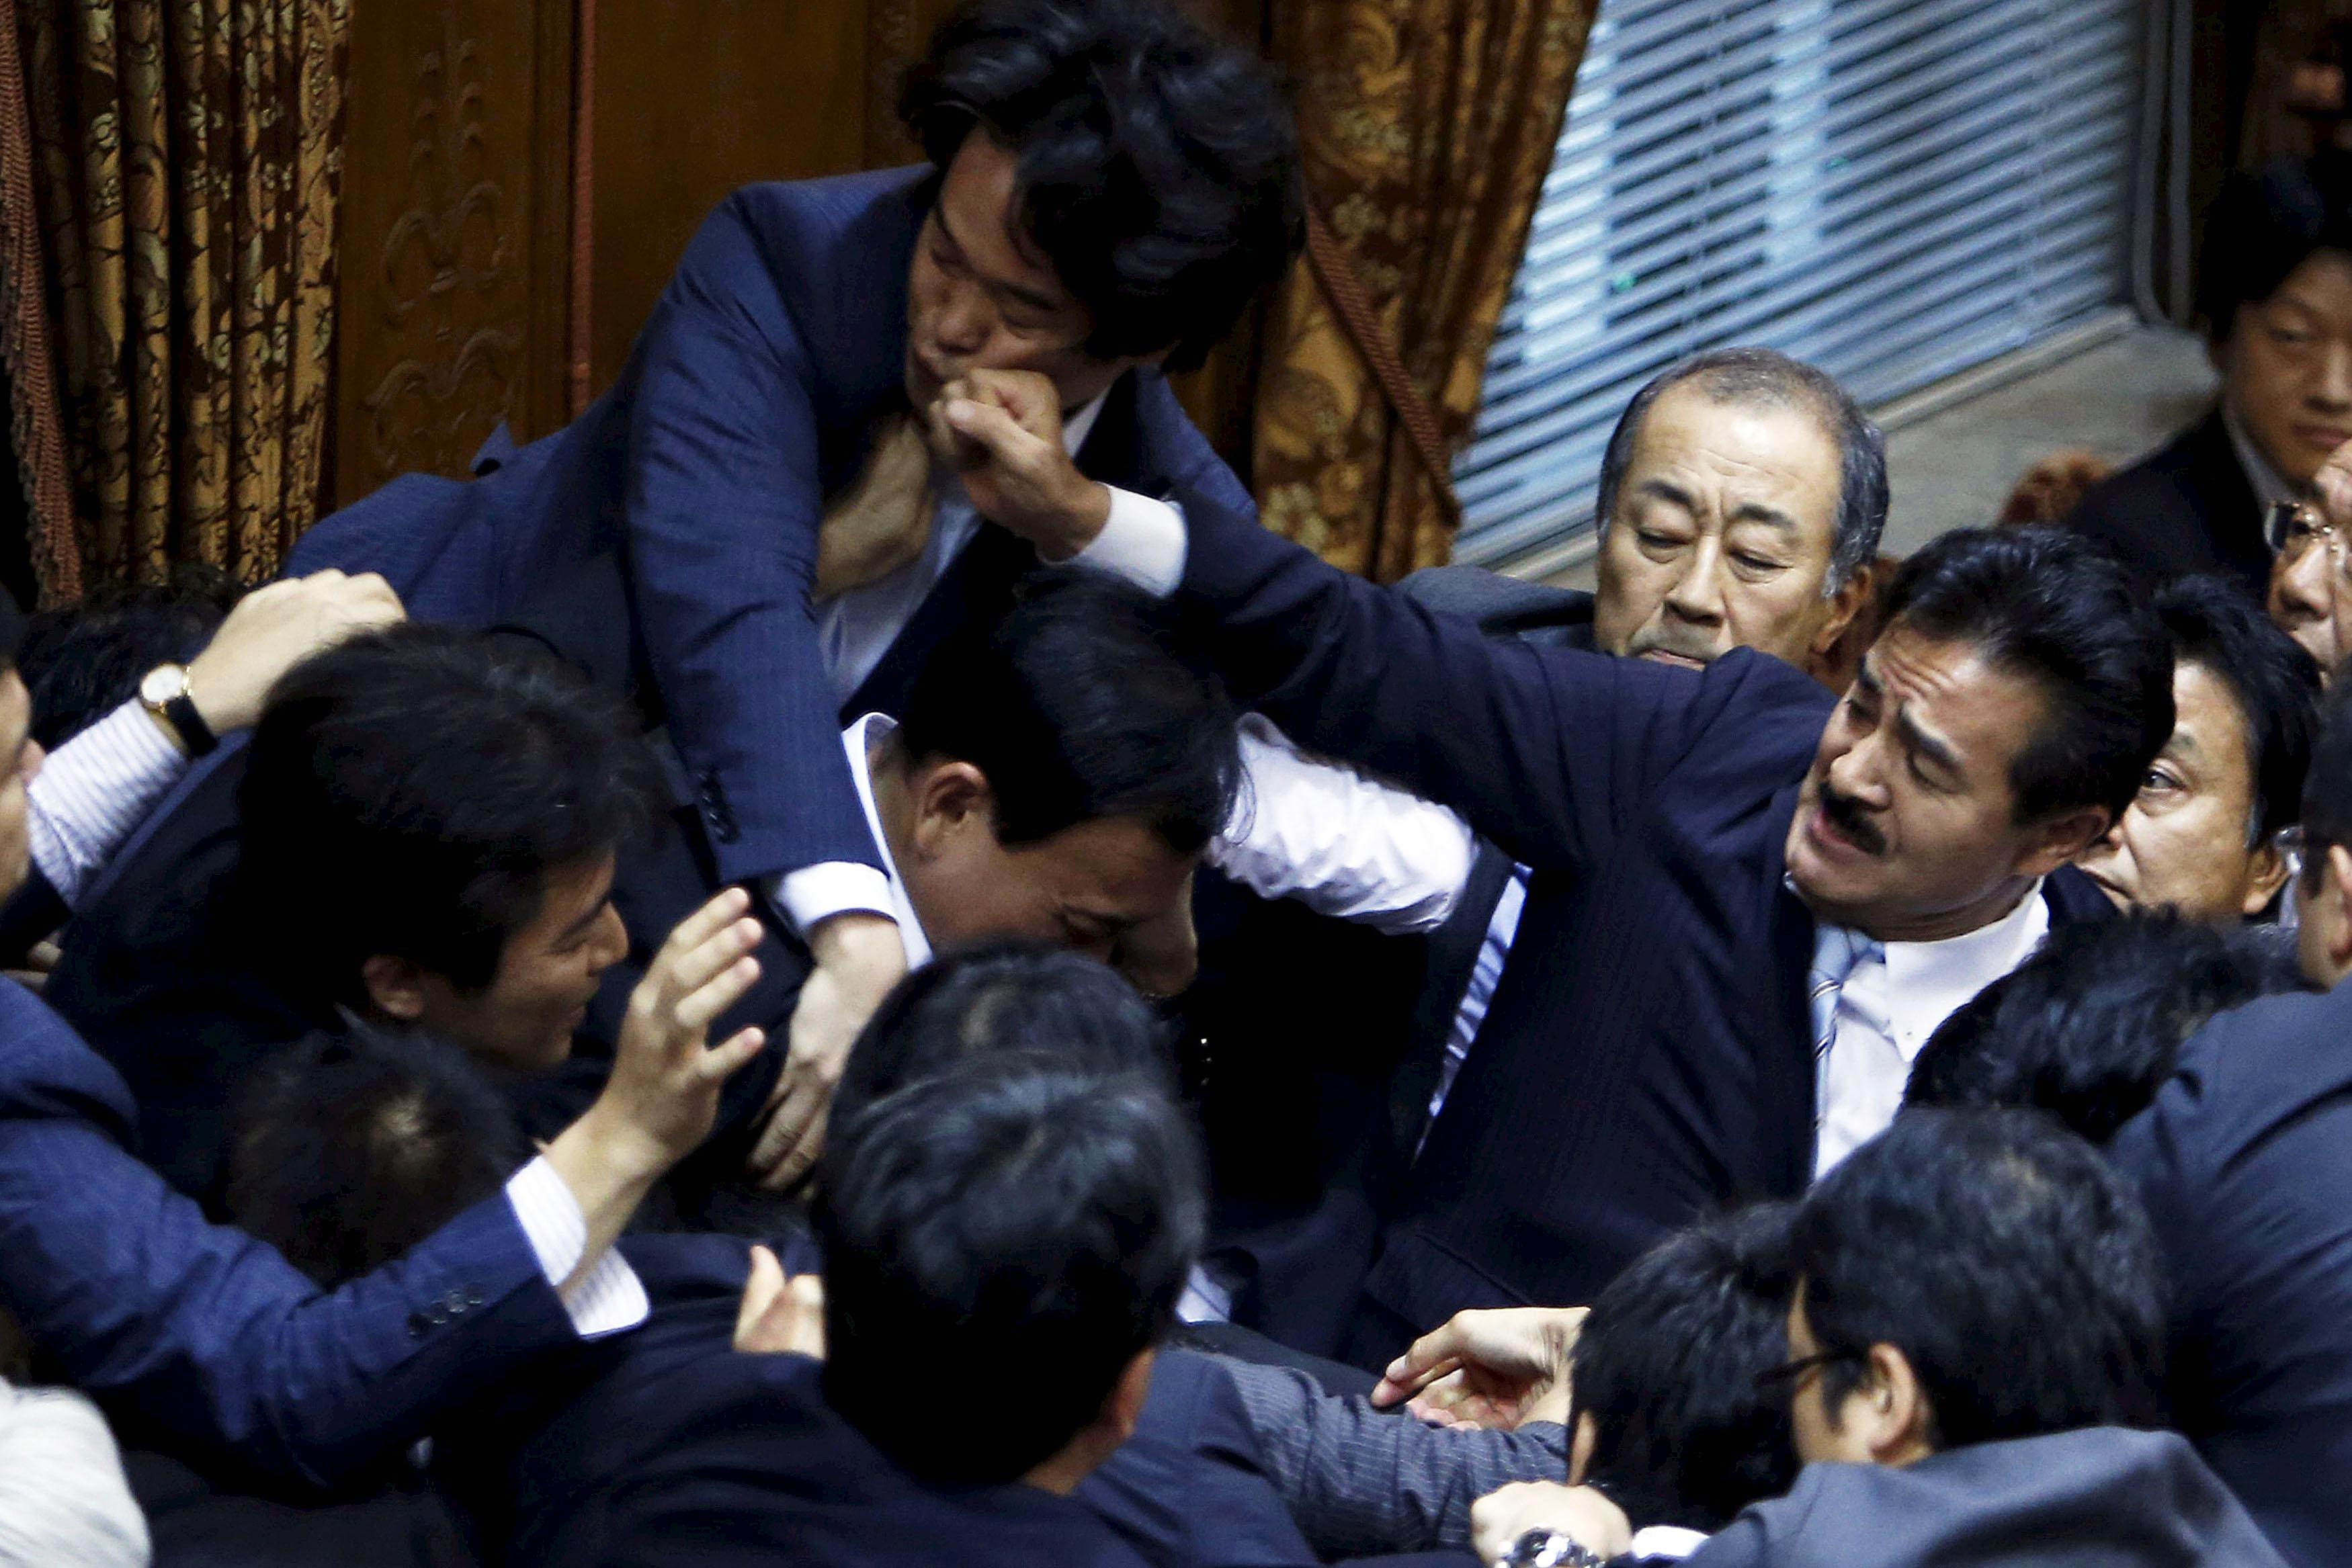 2015年9月17日,日本參議員在審議安保法會議上扭作一團, 希望可阻至委員長鴻池祥肇通過法案。最終法案在混亂之中獲得通過。攝:Yuya Shino/REUTERS